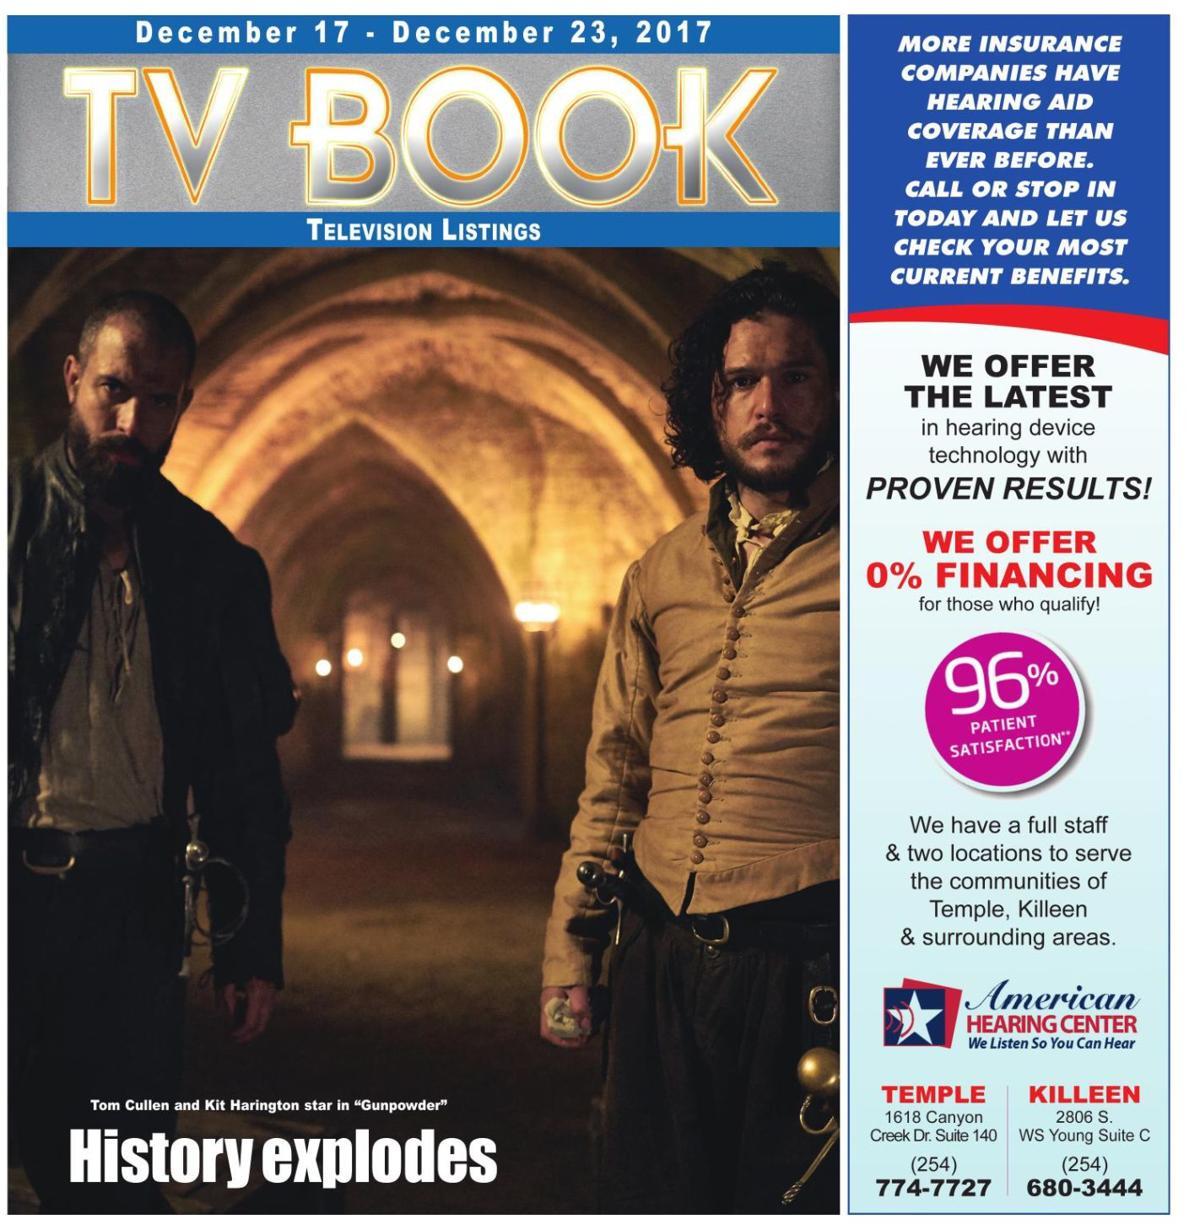 TV Book Dec. 17th - Dec. 23rd